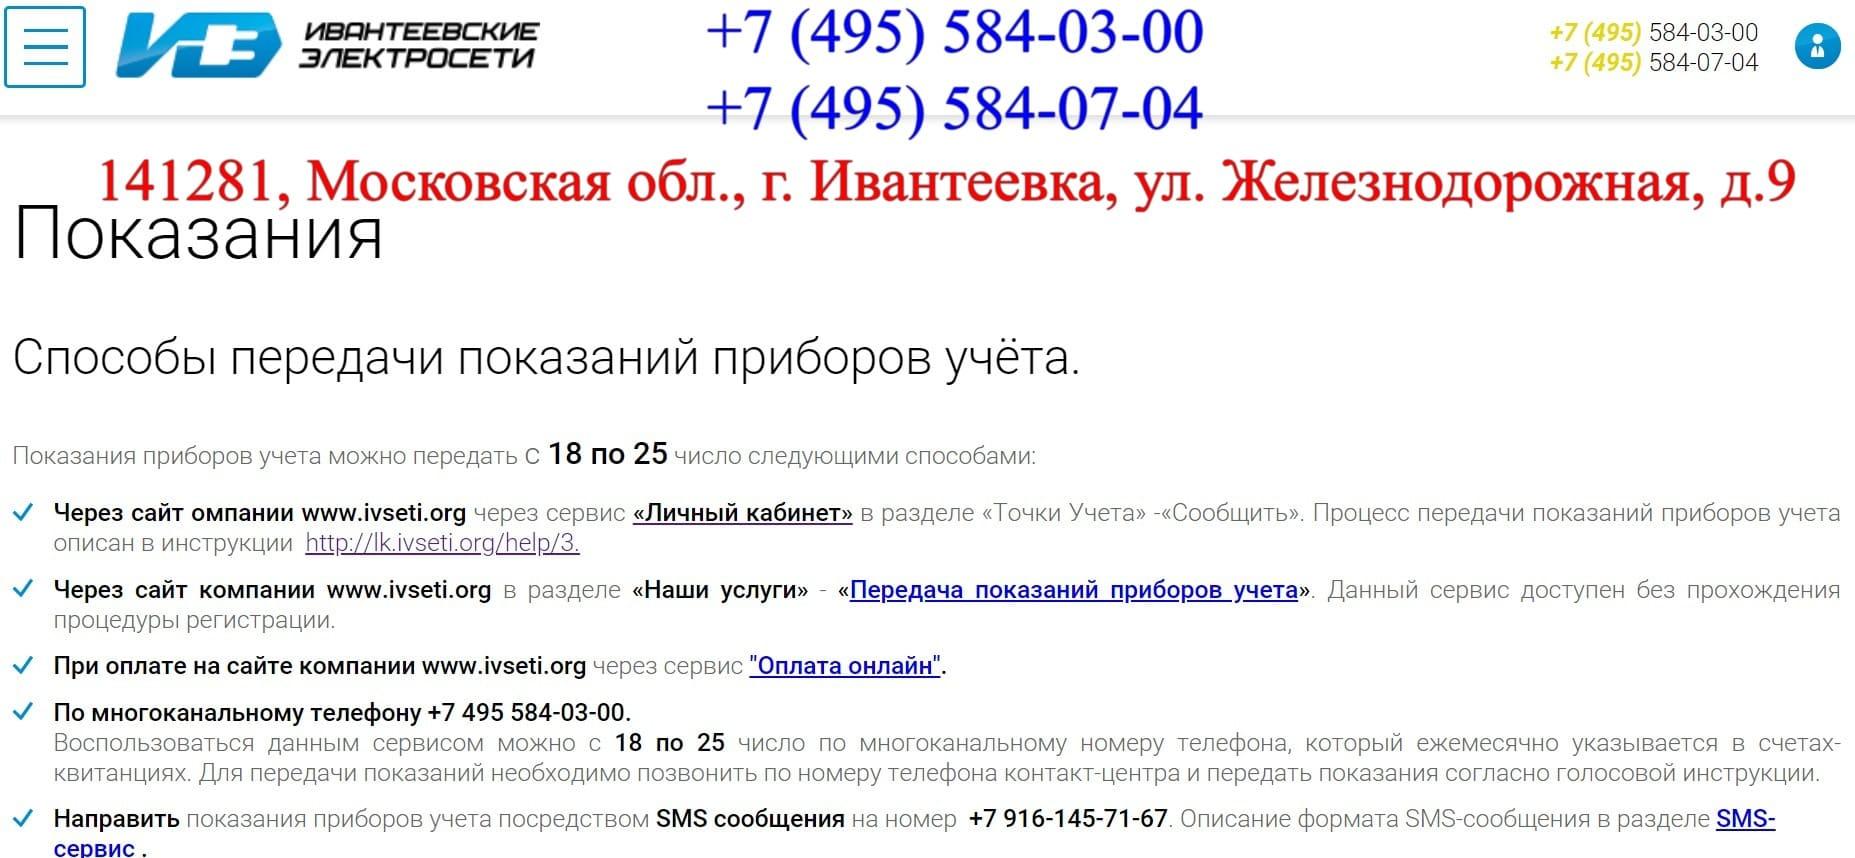 Ивантеевские электросети личный кабинет